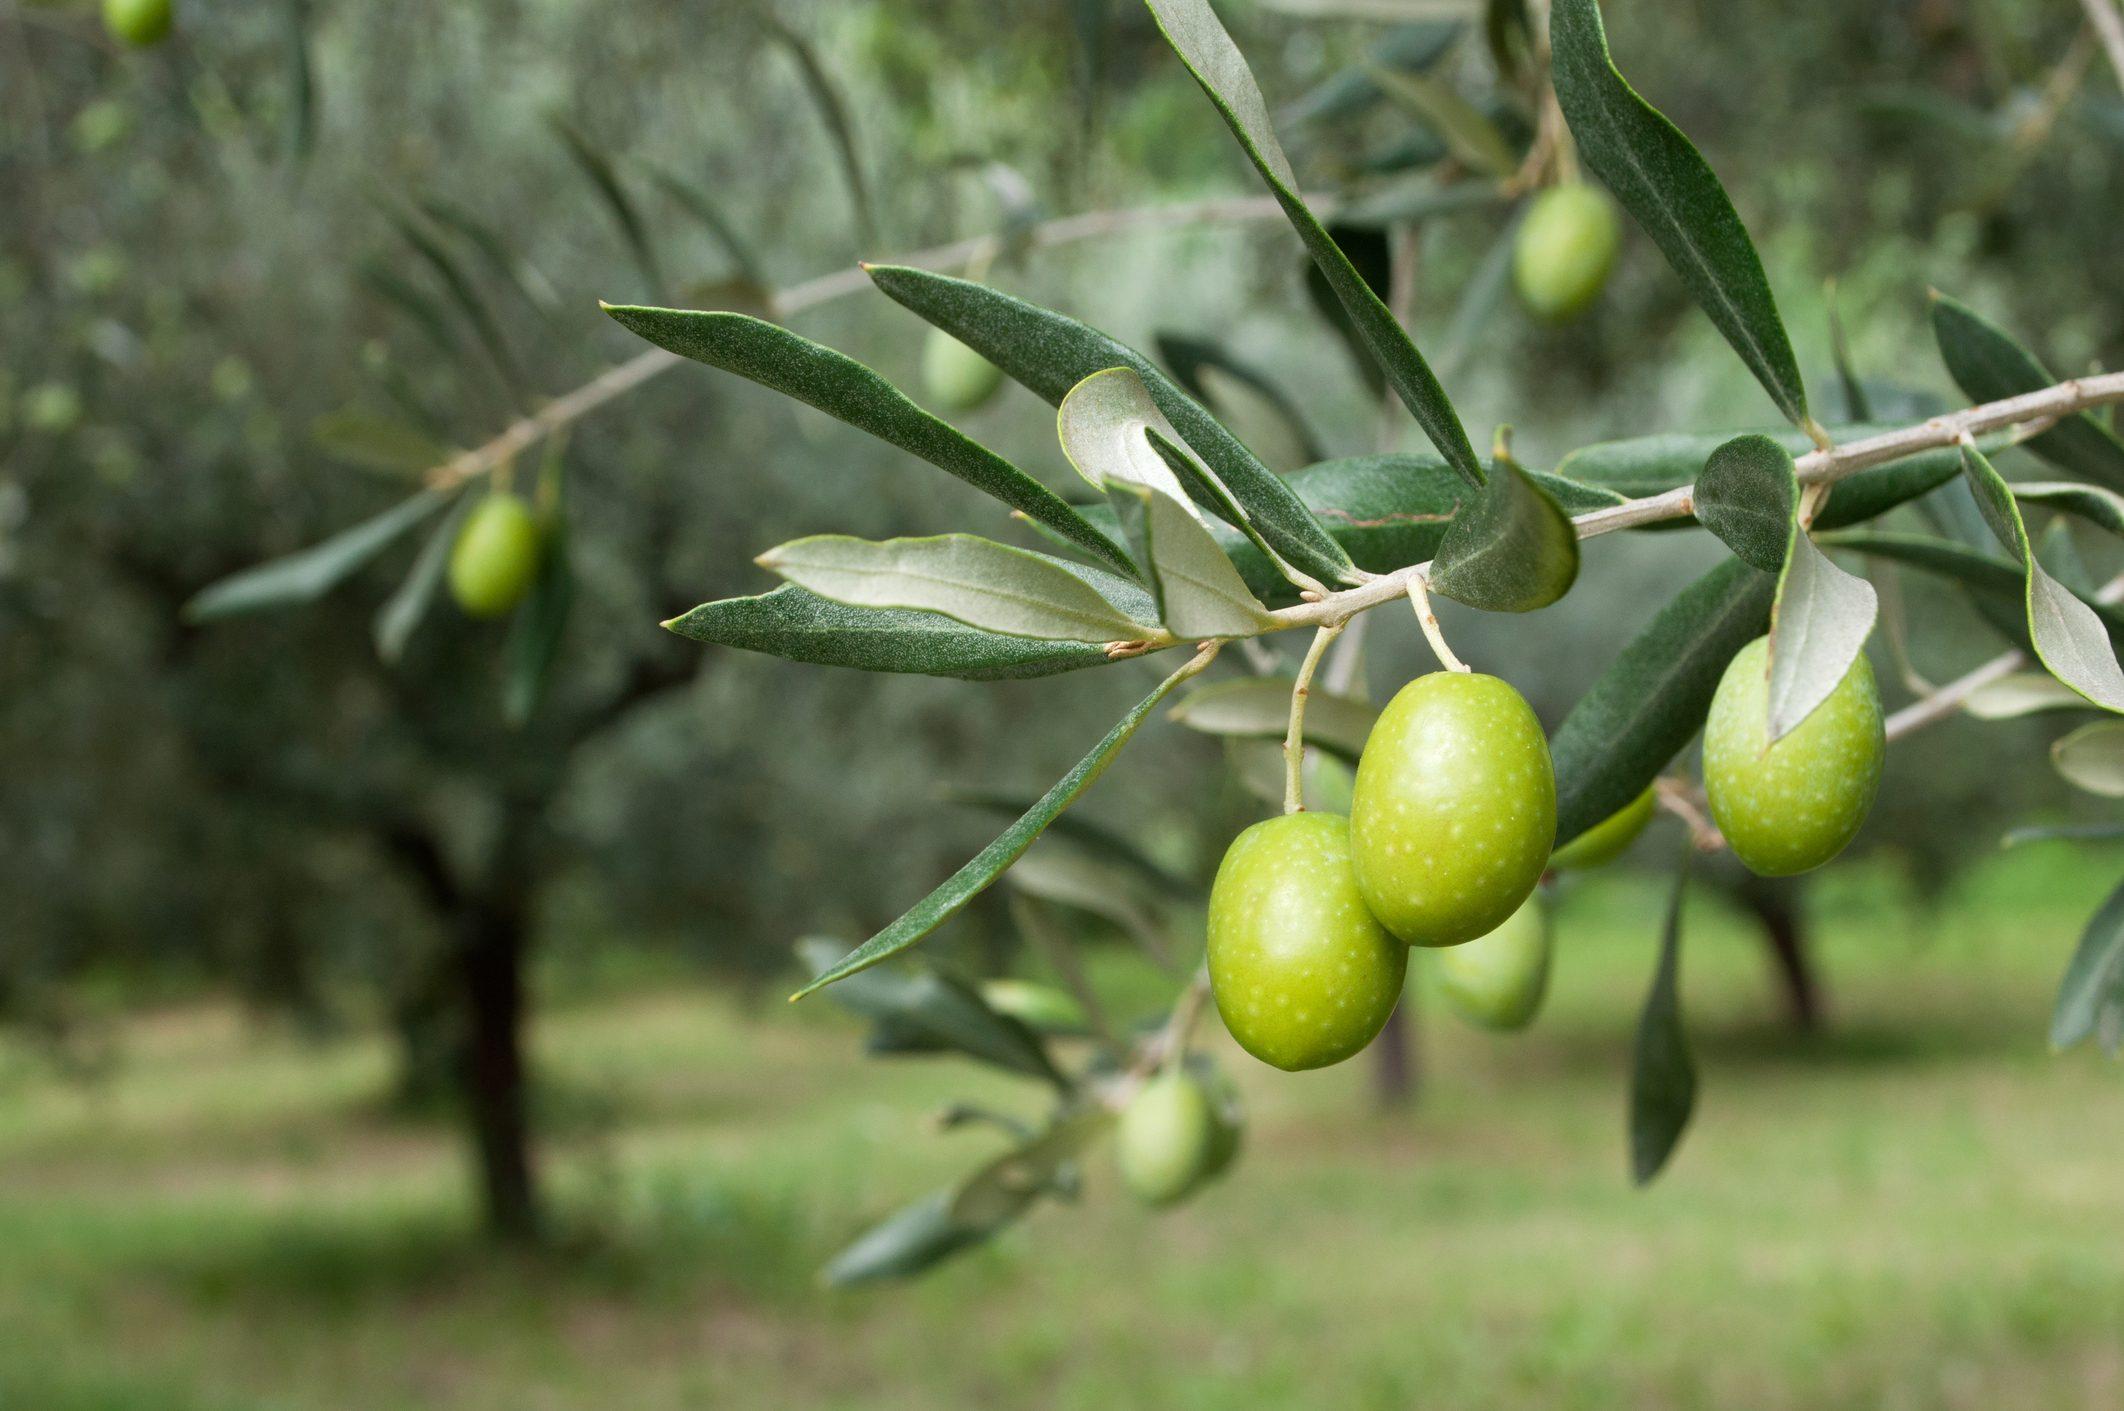 Adottate un ulivo in Calabria: in cambio riceverete 12 bottiglie d'olio